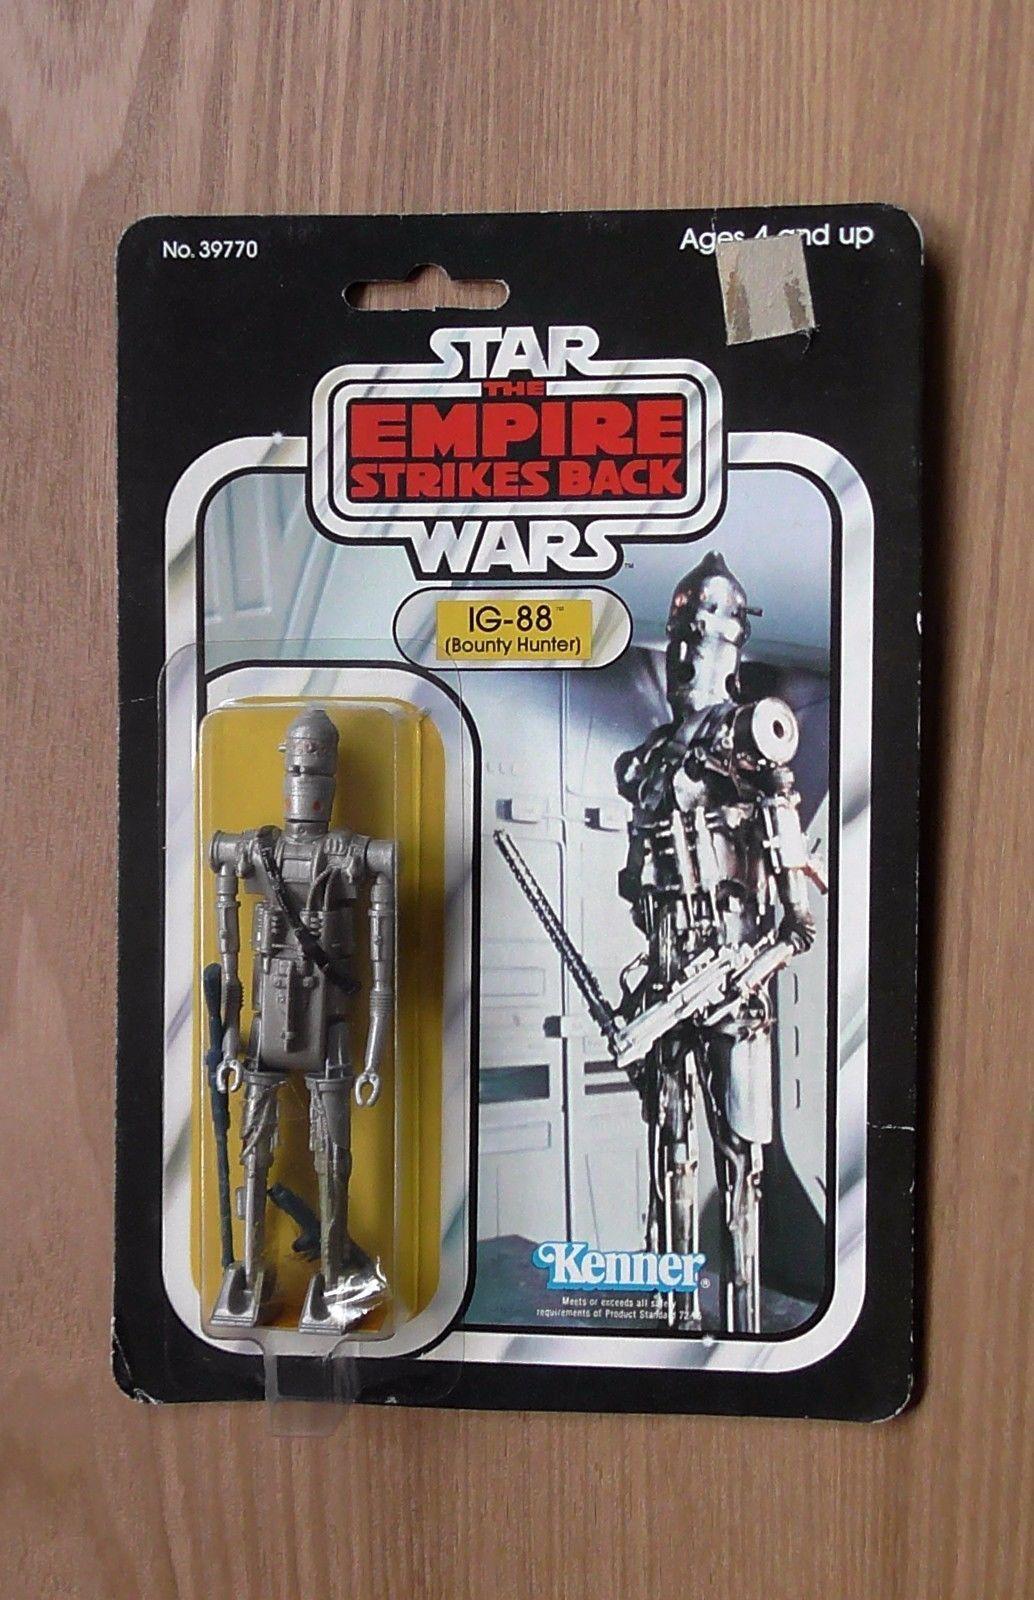 Ben 10 toys images  Vintage Star Wars Figure ESB  IG Bounty Hunter   Back A